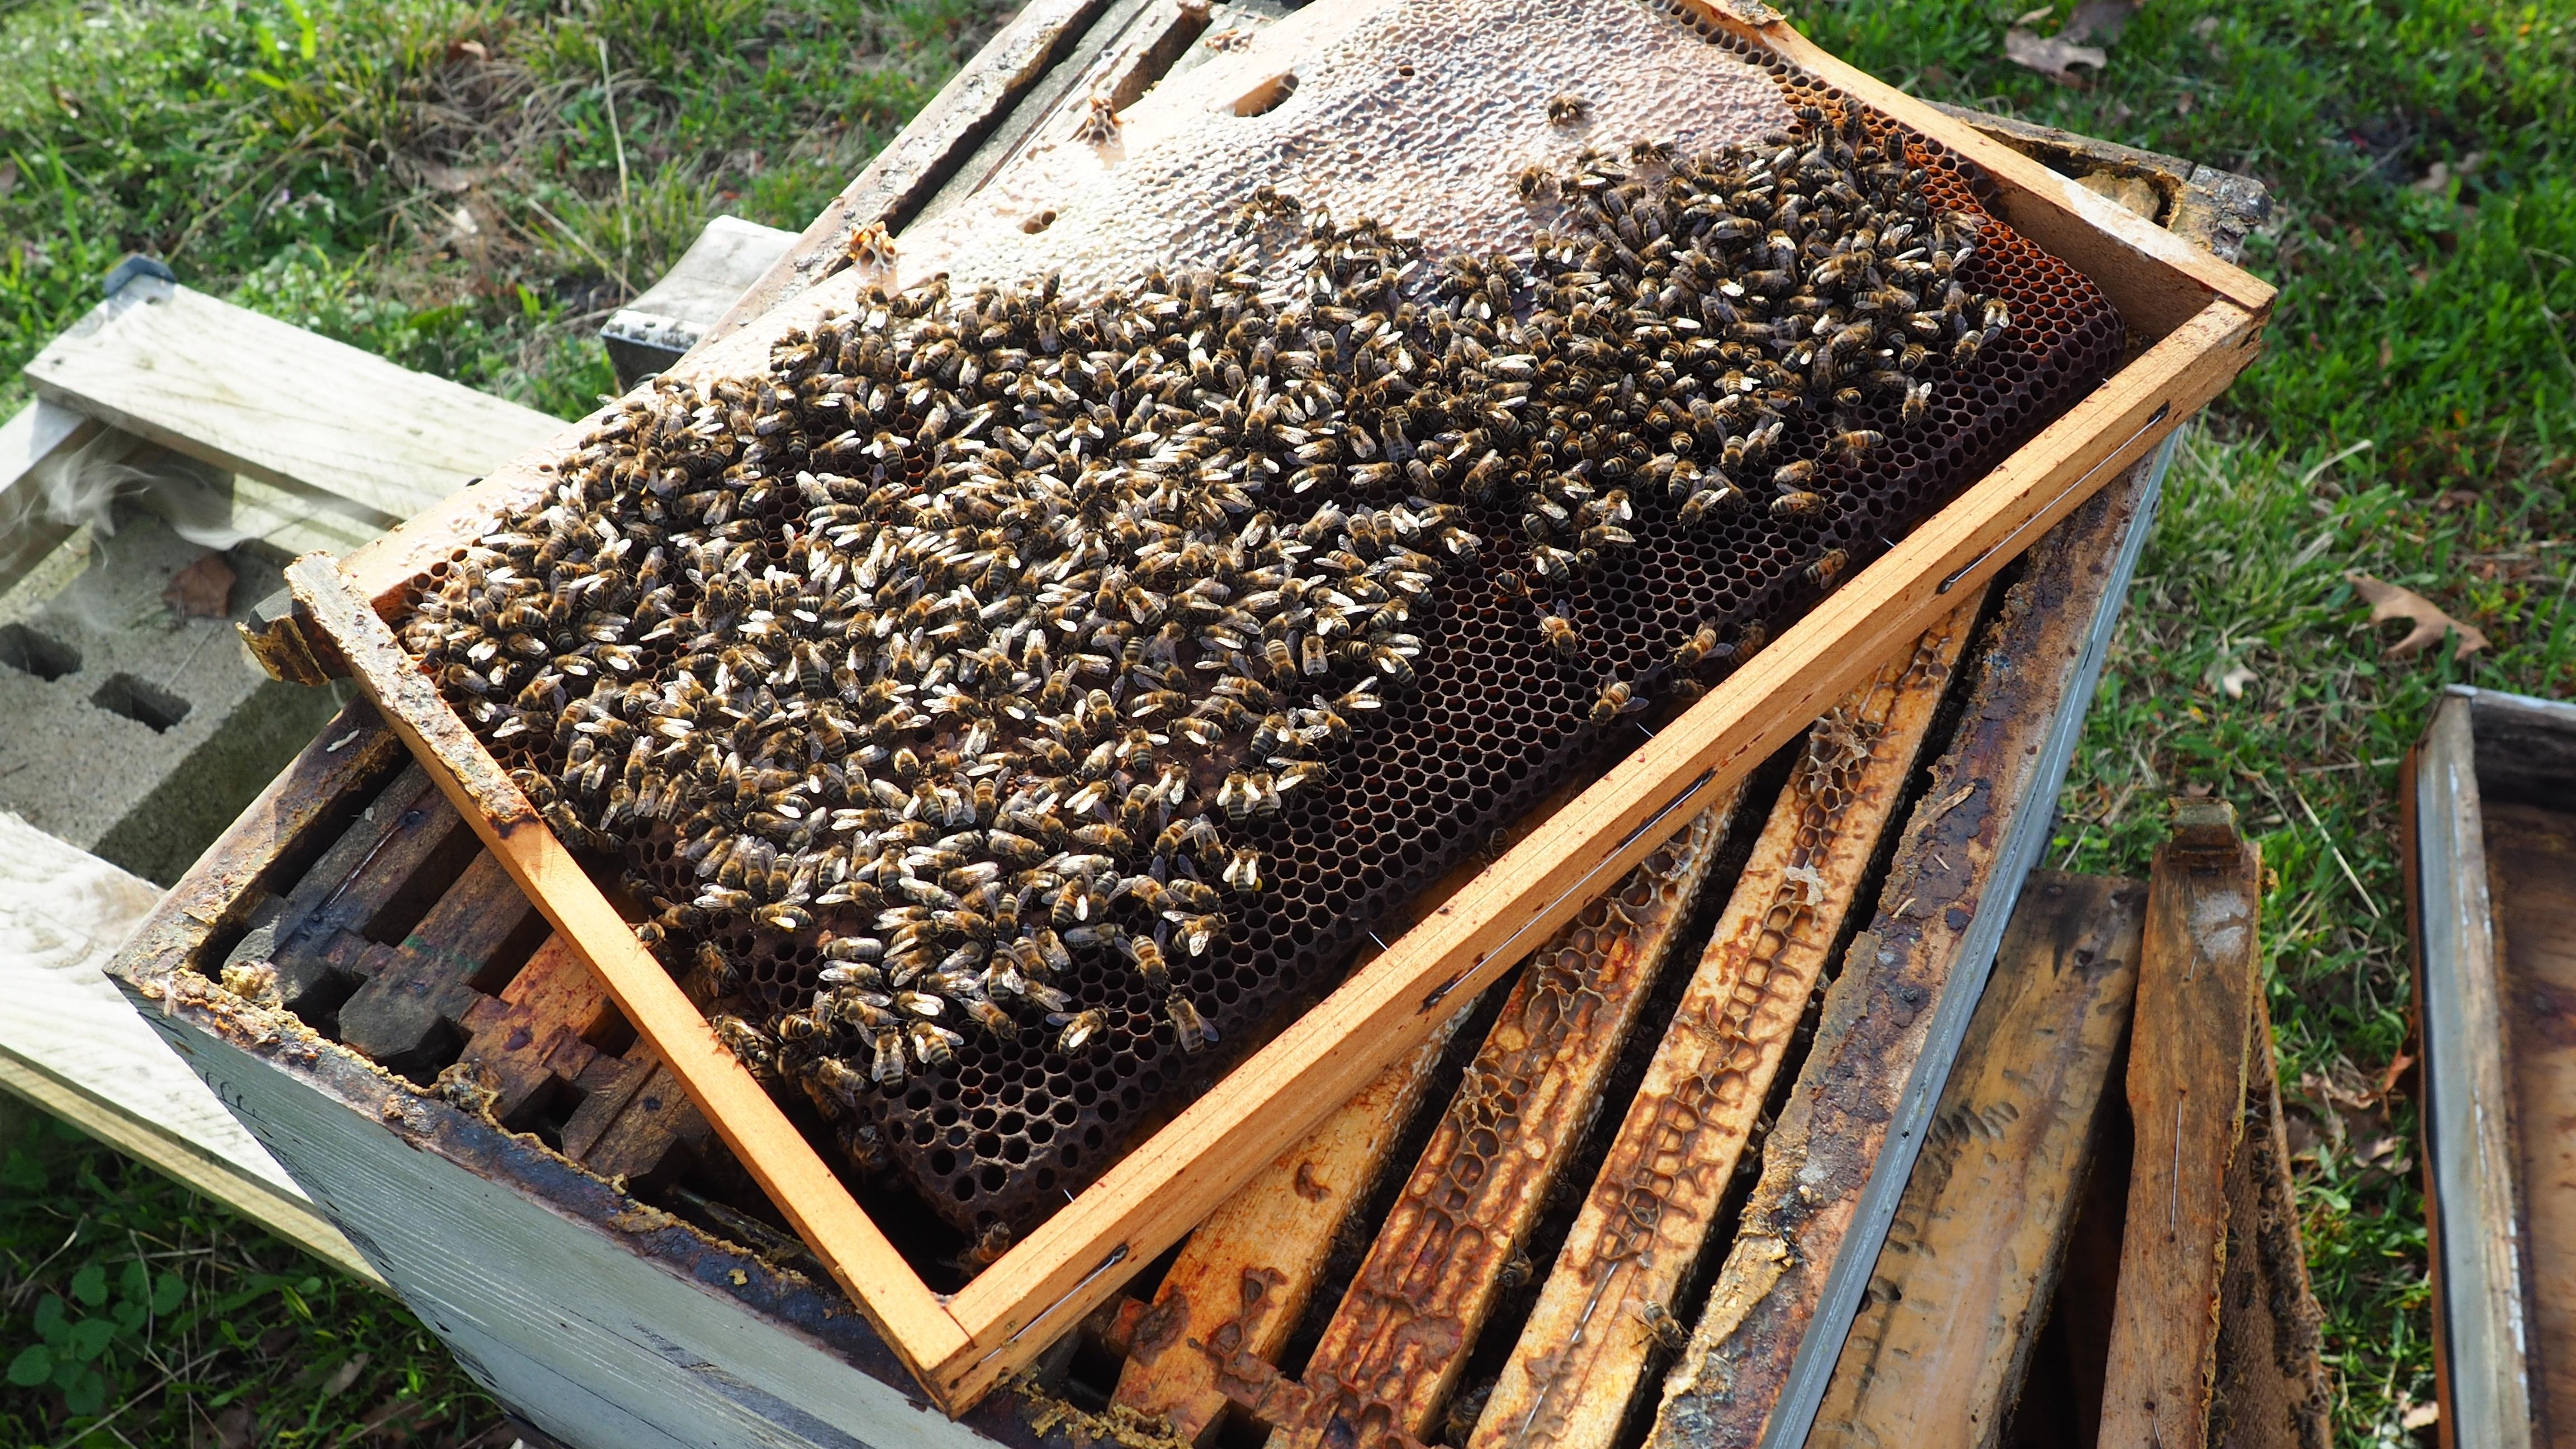 Chasse aux trésors et découverte d'une ruche et de sa colonie d'abeilles avec une apicultrice